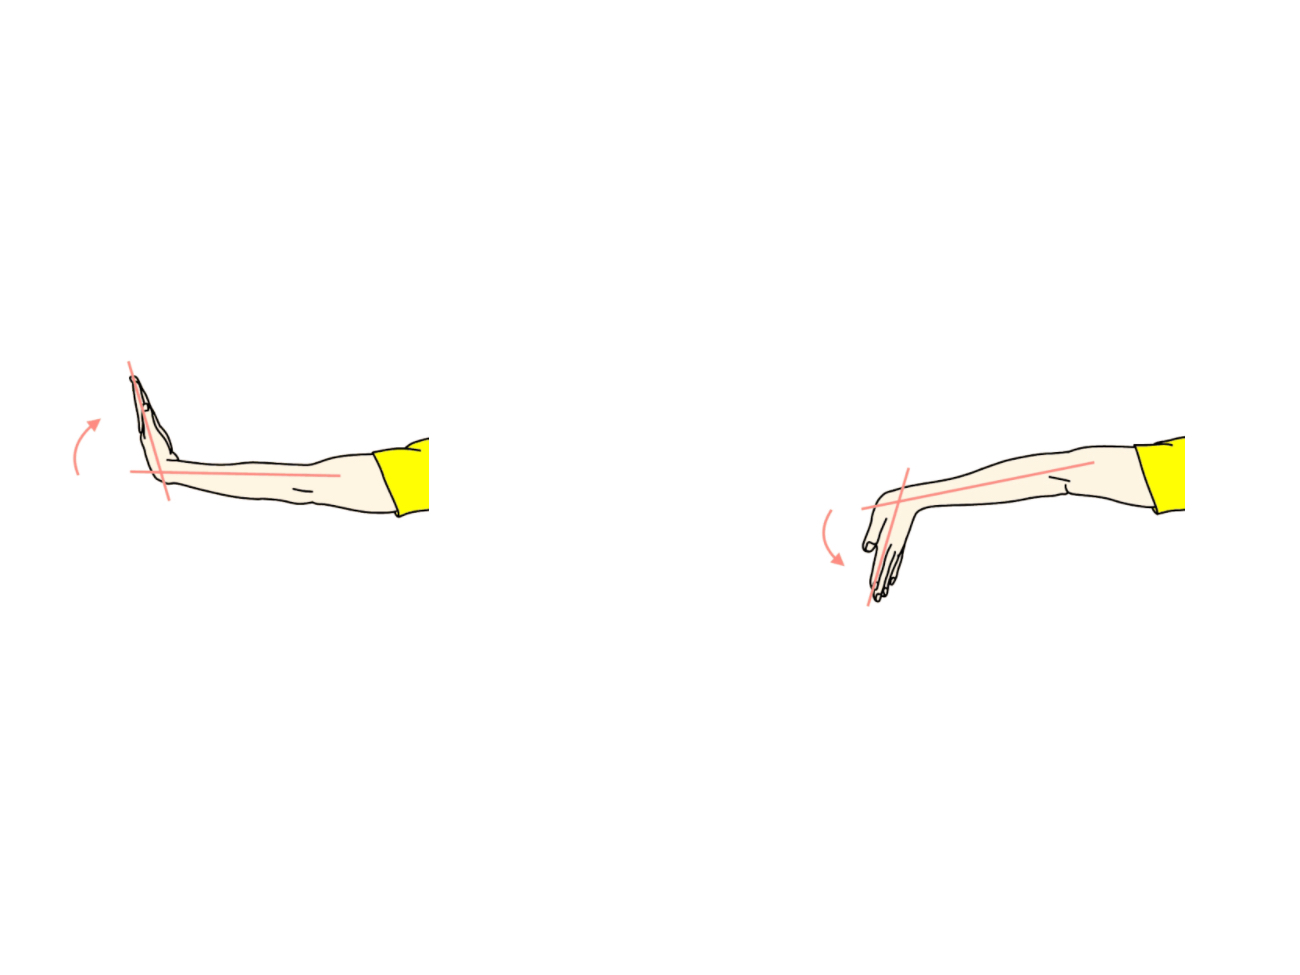 手関節の屈曲と伸展の拮抗筋